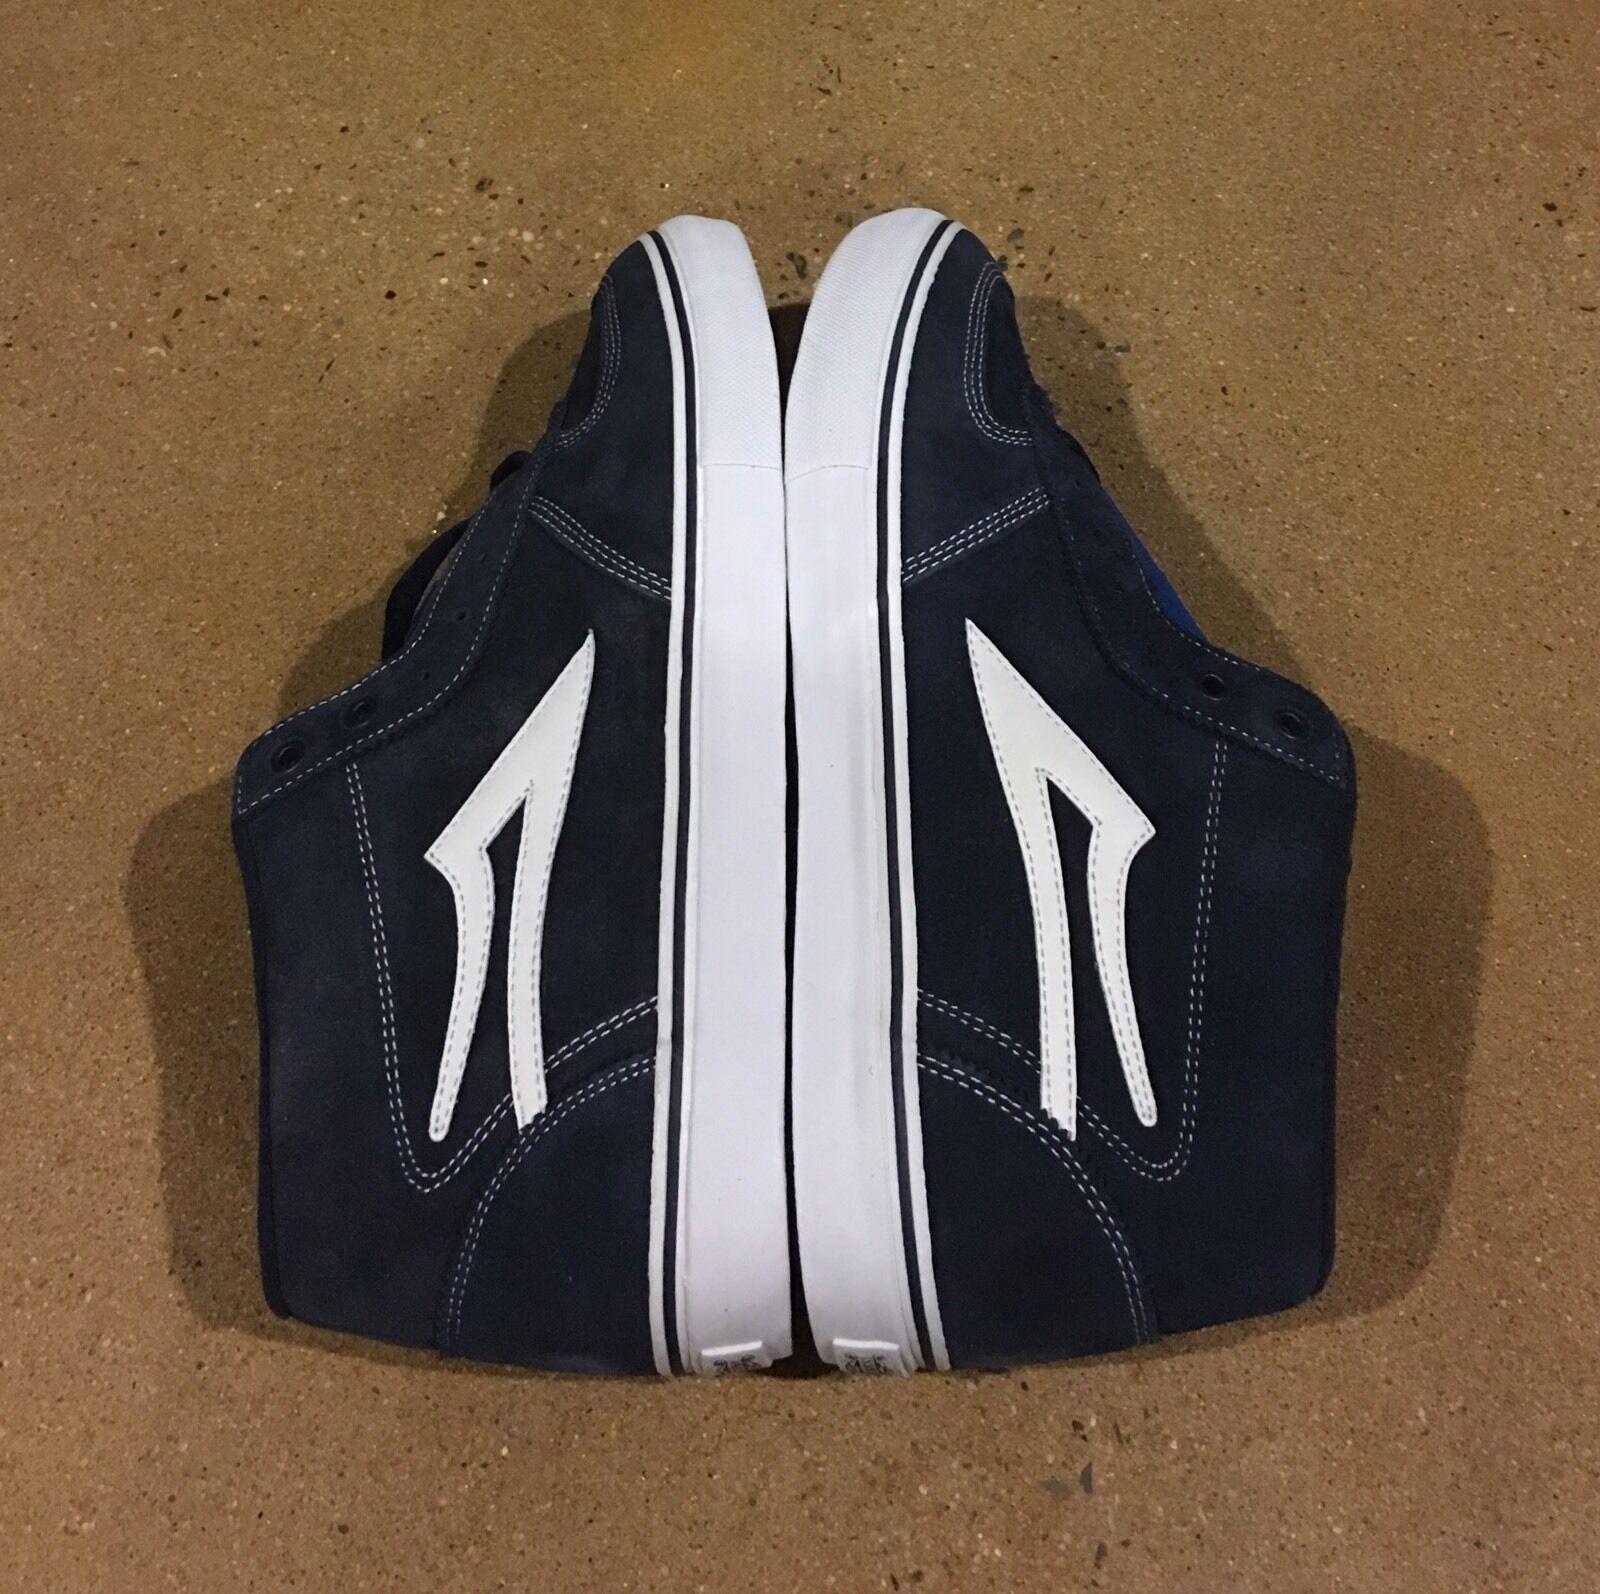 Lakai Cairo Select Size 13 Navy Suede Cairo Foster Pro Model Skate Shoes Scarpe classiche da uomo